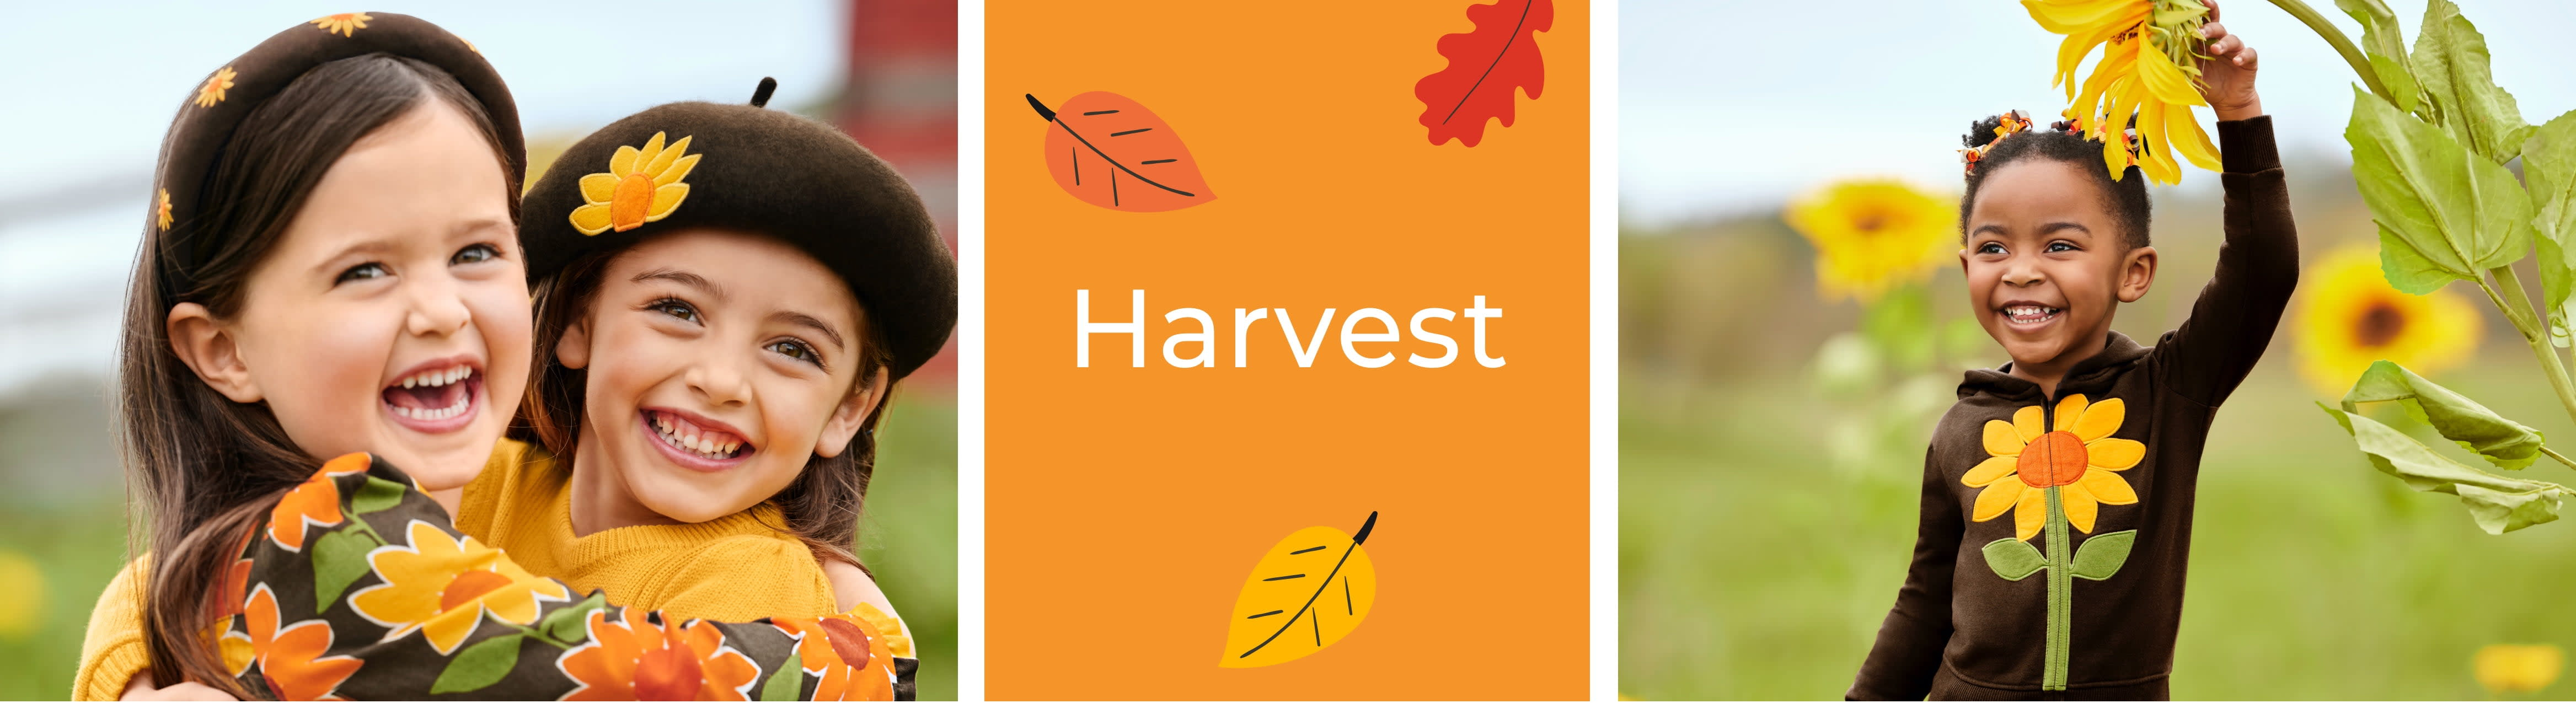 Girl Harvest